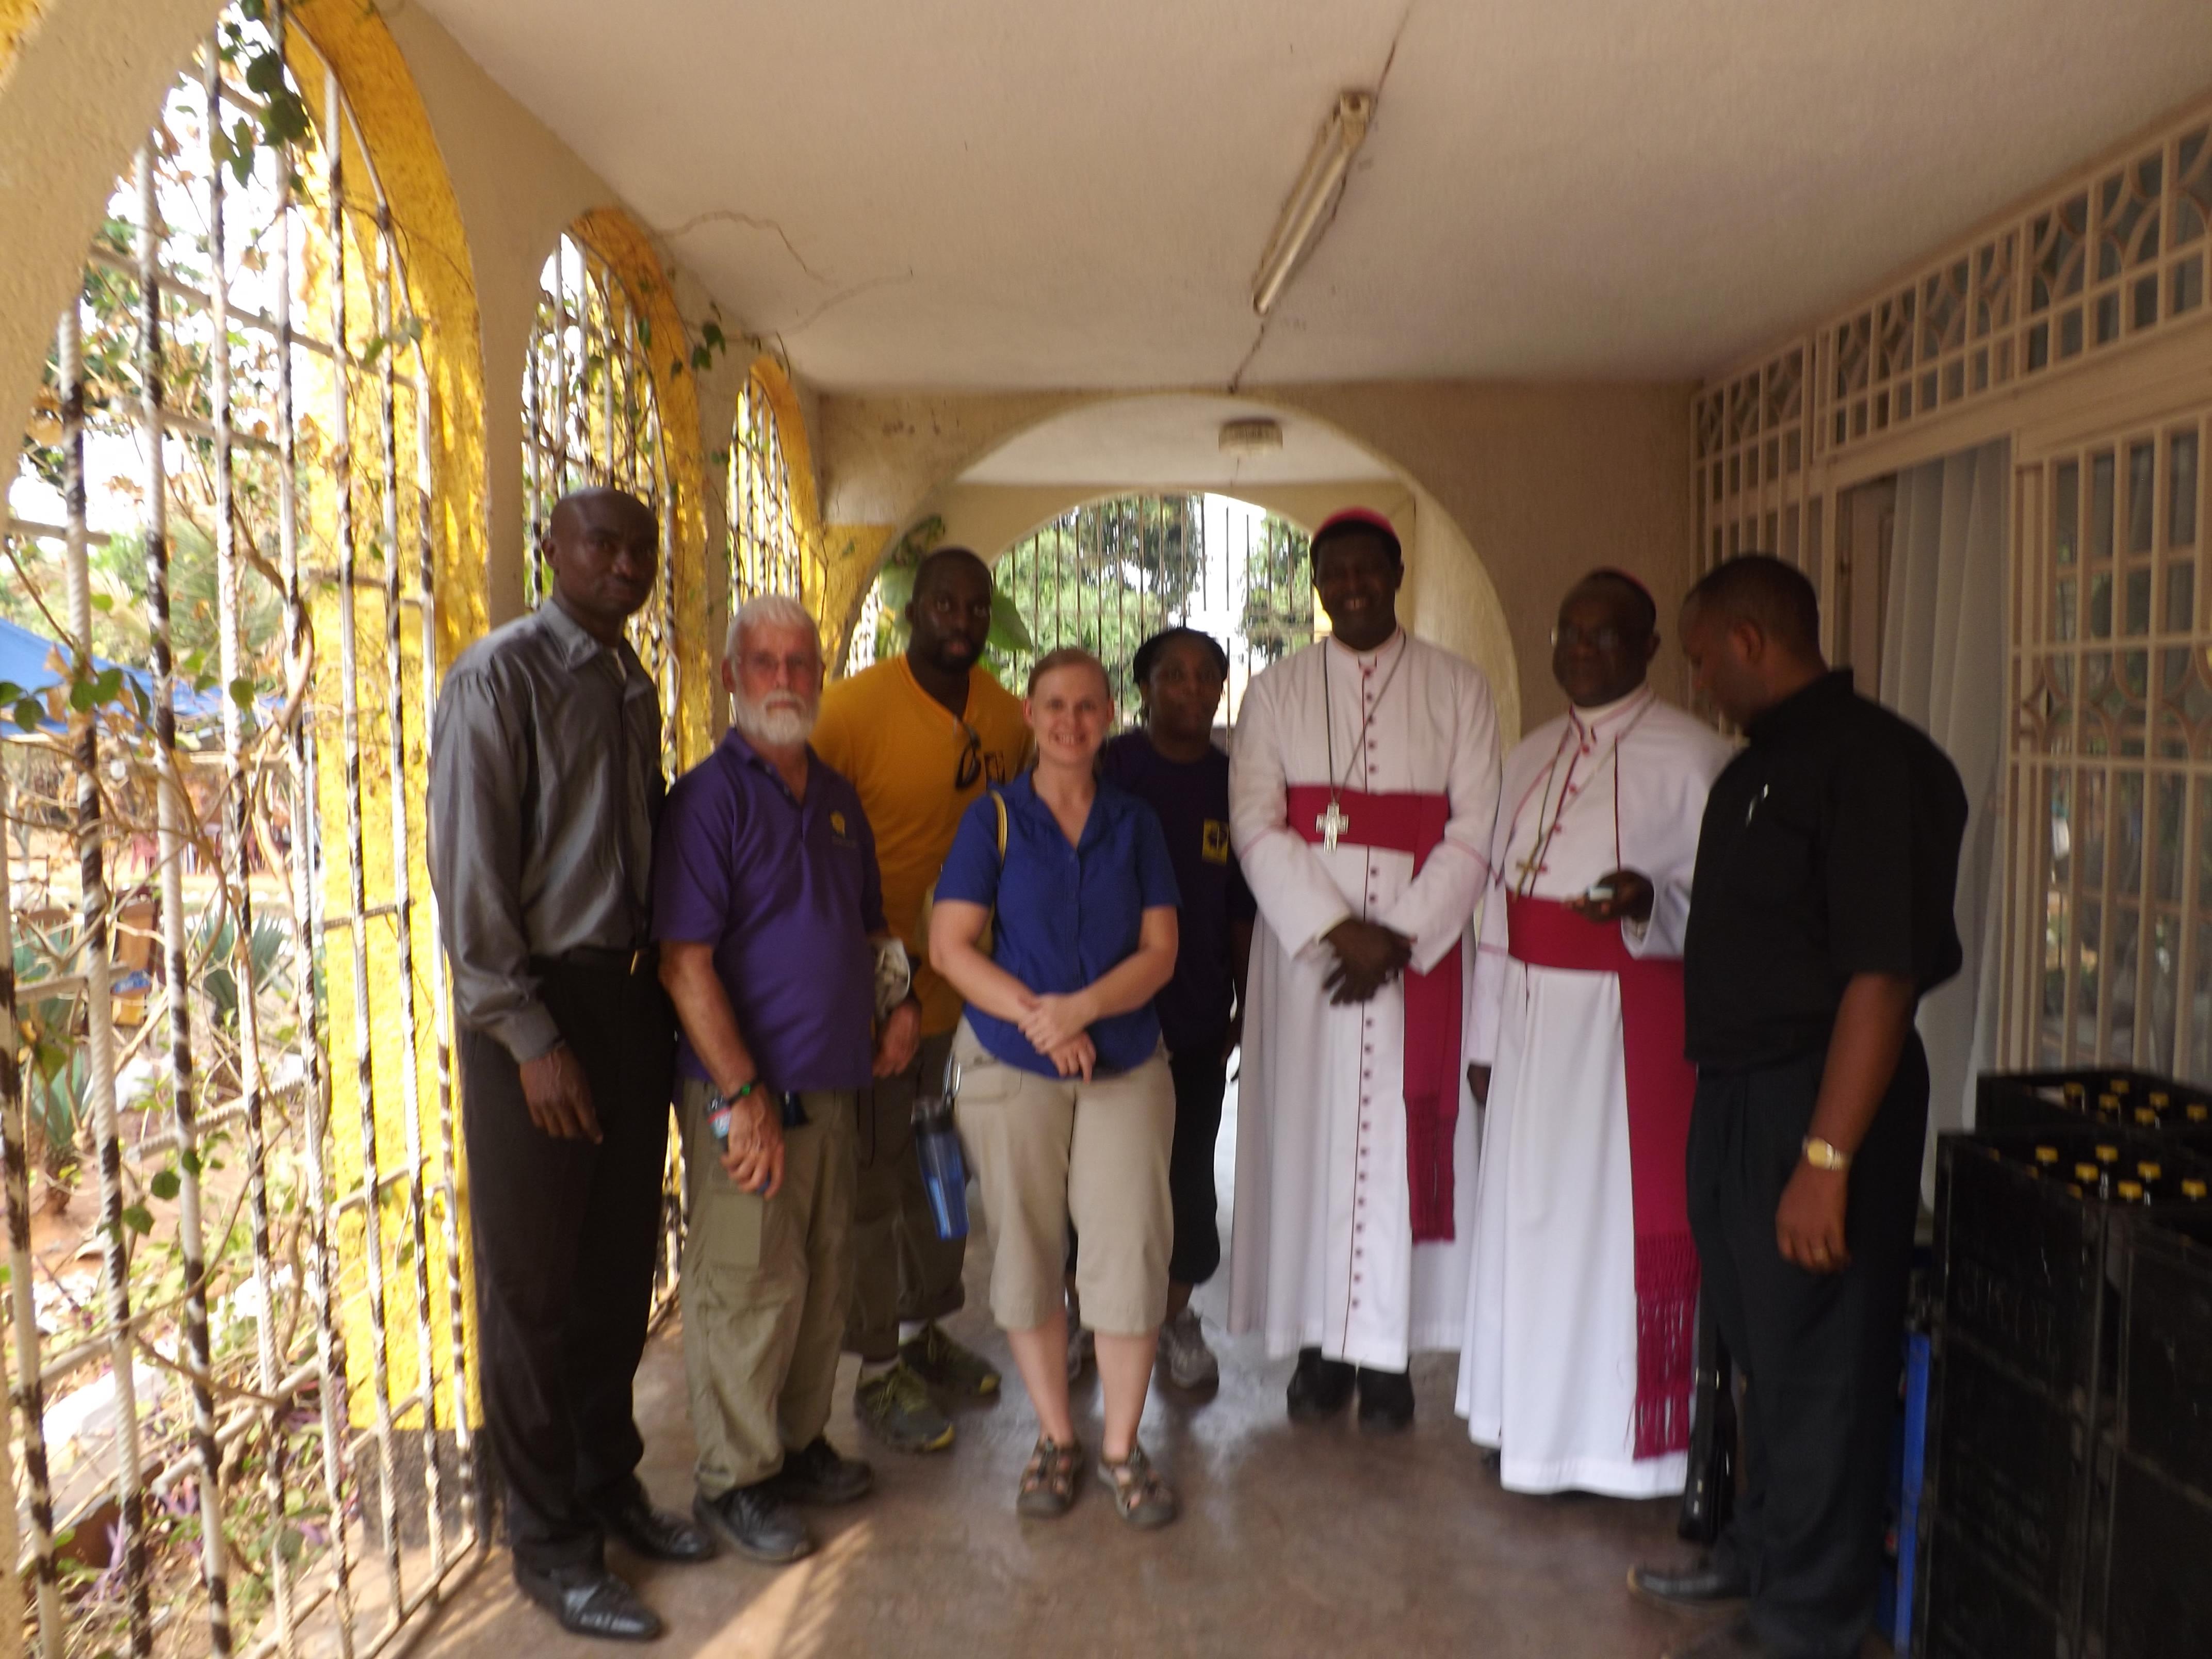 Meeting the Bishop!